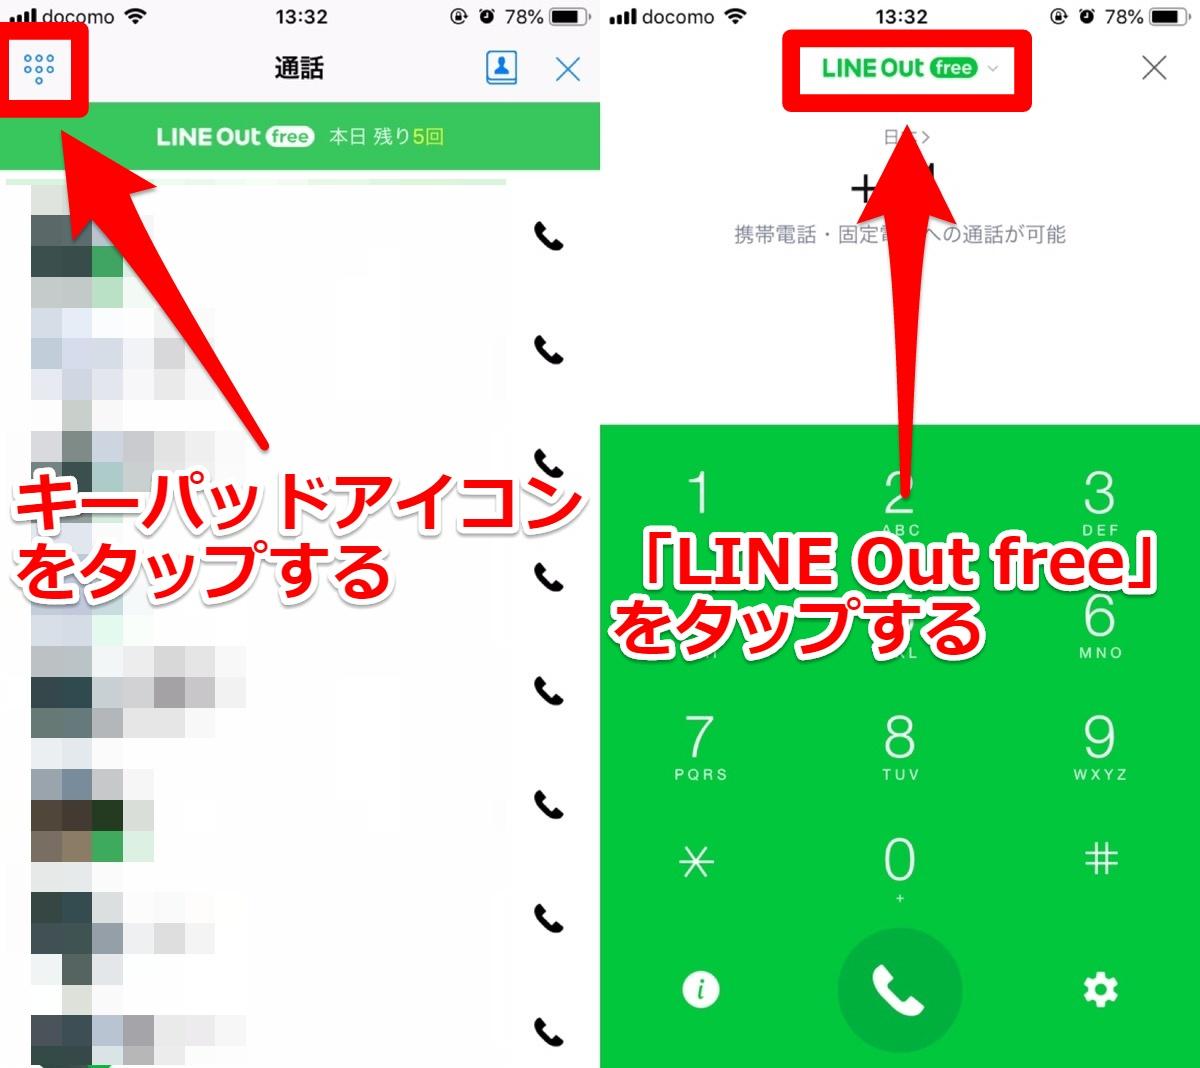 LINEの無料で話せる電話機能!「LINE無料通話」と「LINE Out」の違い&使い方を確認【LINE】